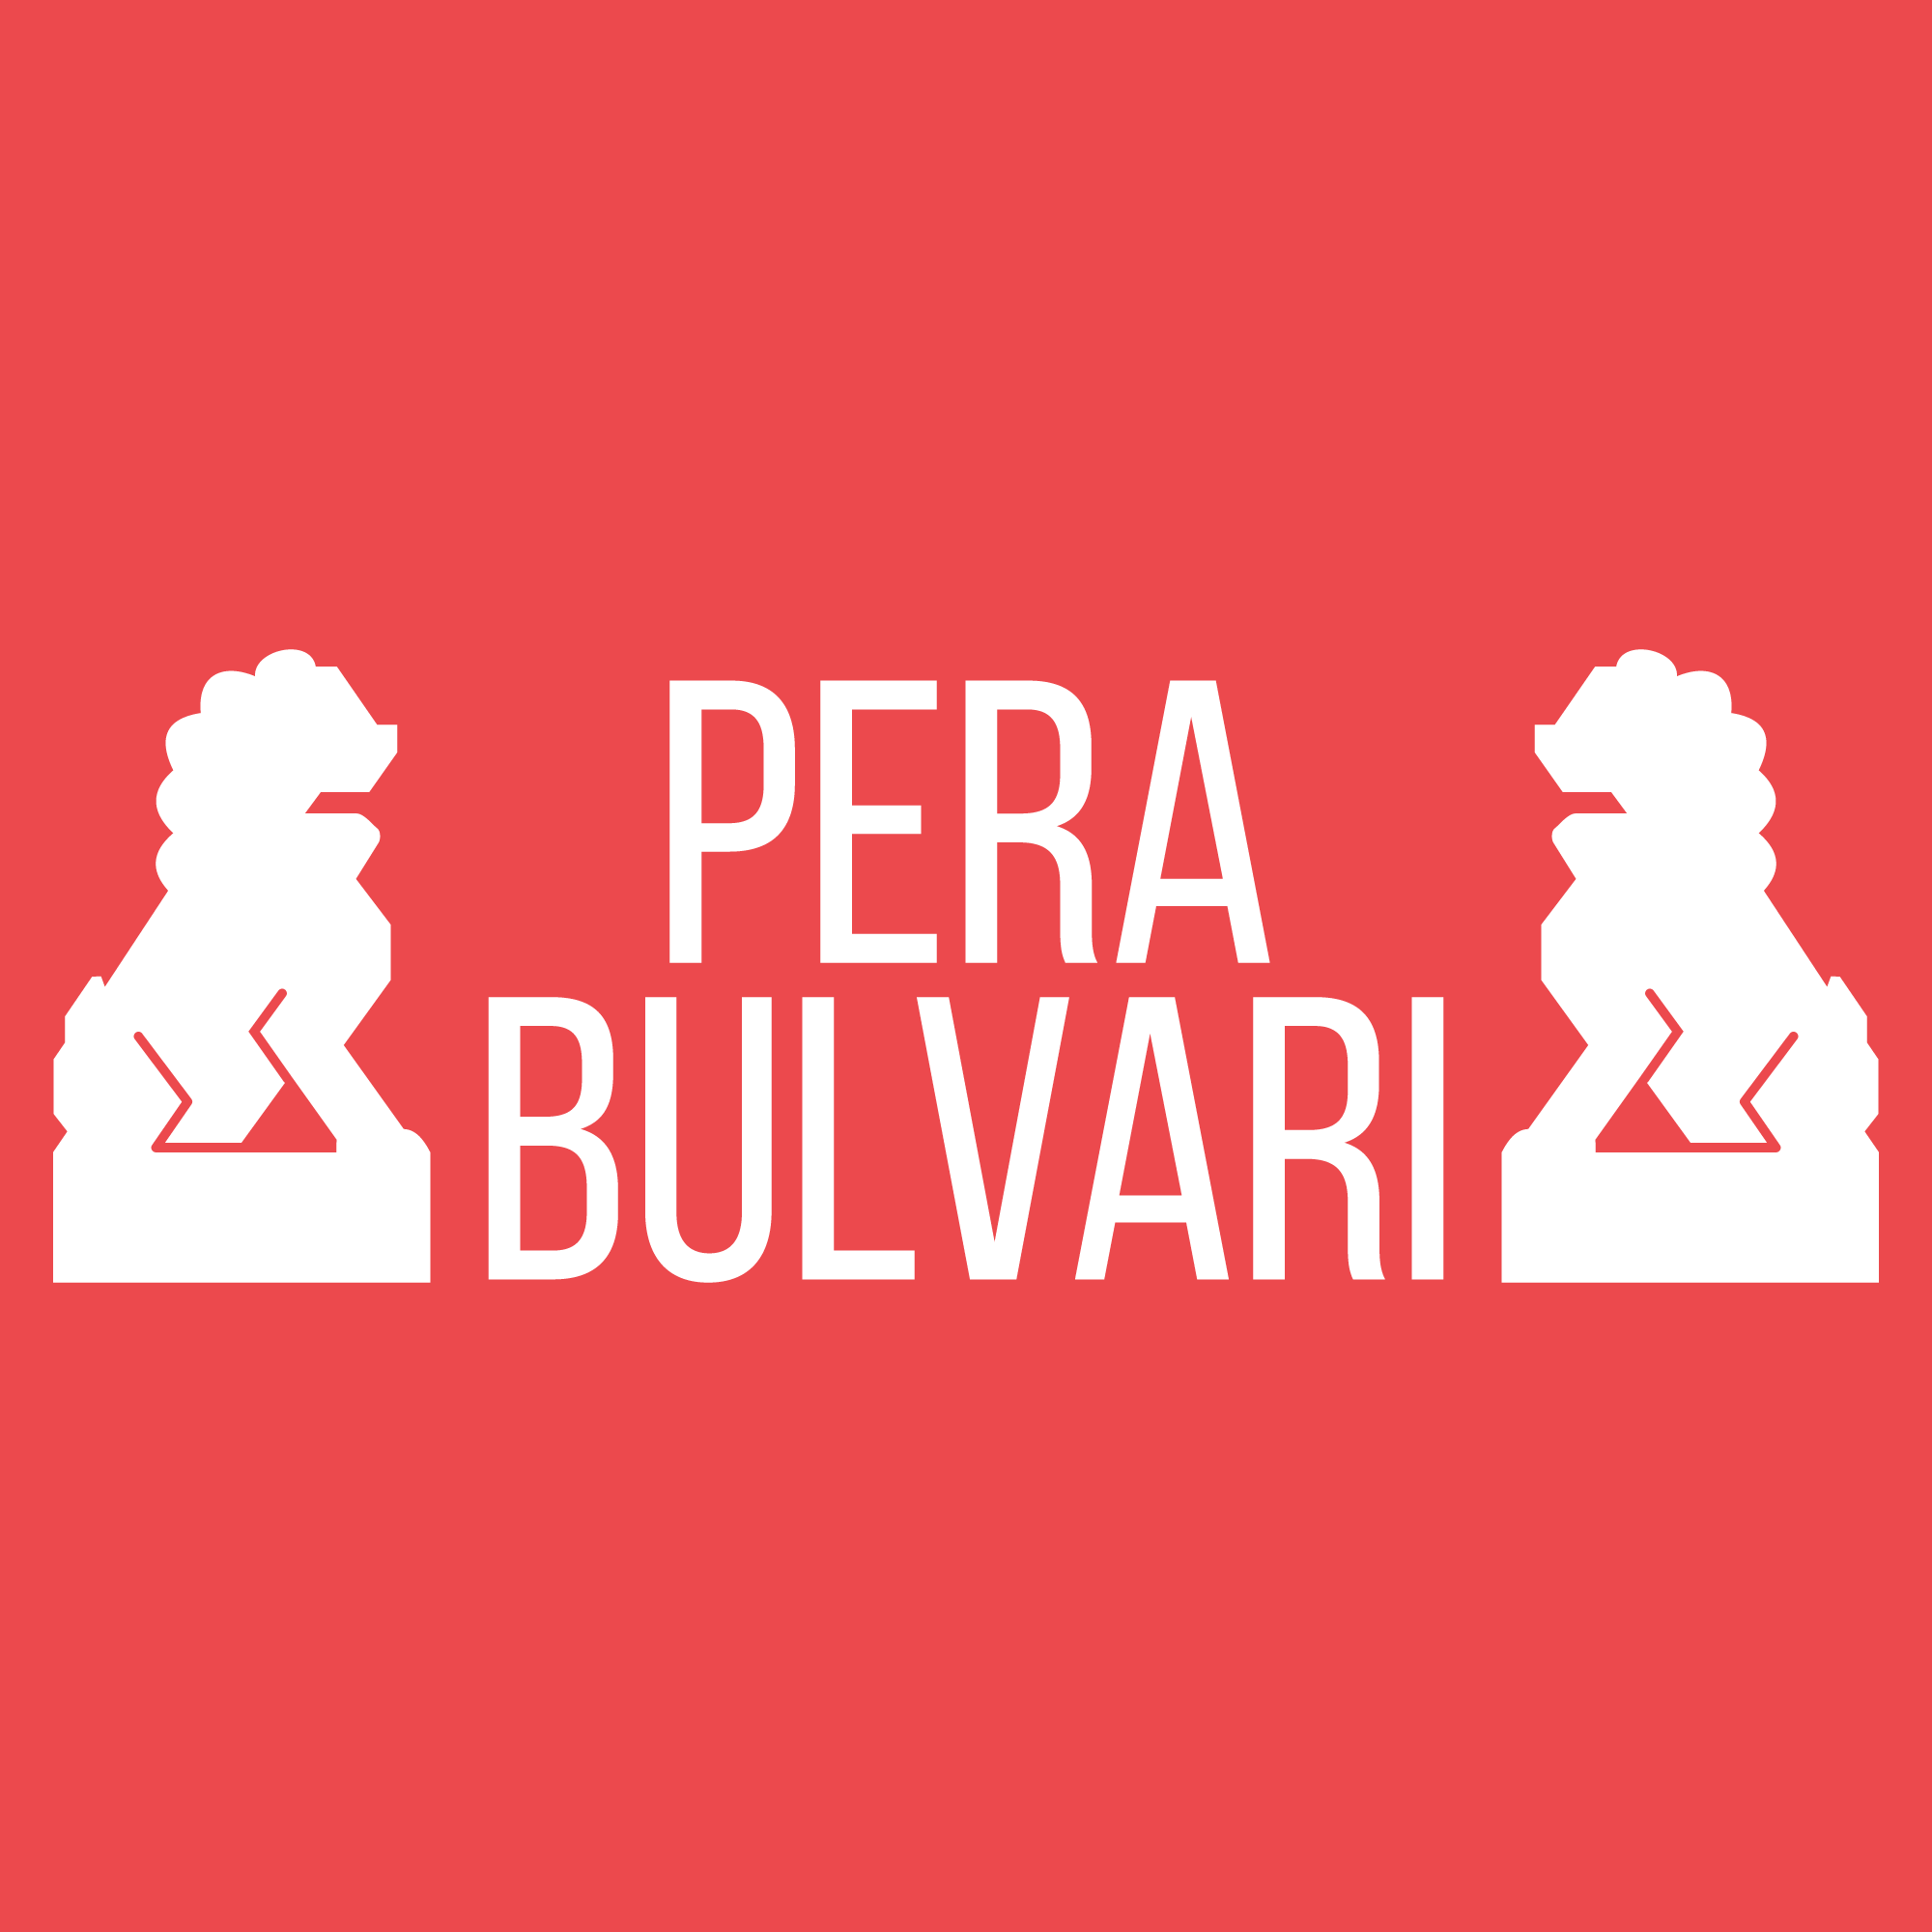 jason-b-graham-pera-bulvari-logo-eb494d